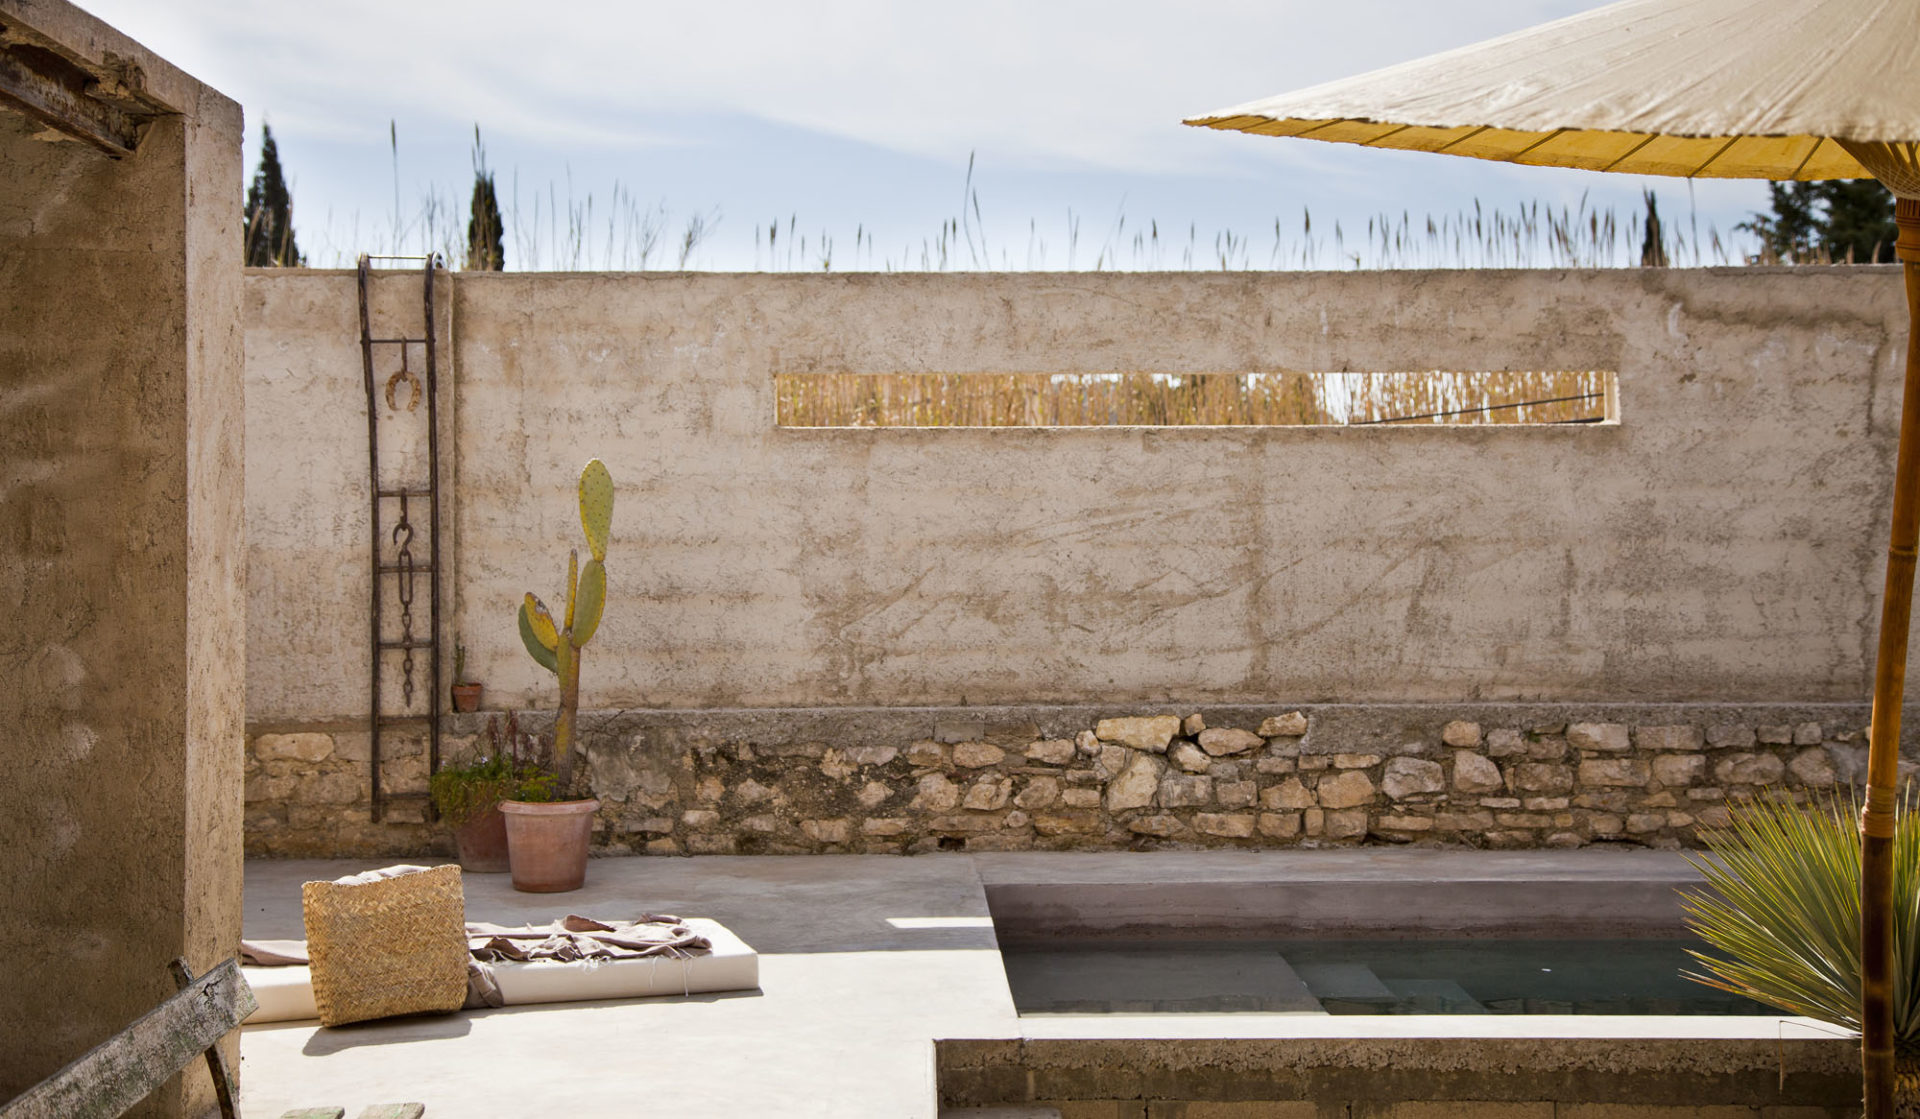 Un style wabi-sabi façon Méditerranée, laissant les murs de béton tels quels, mais distillant un charme fou. © Elodie Rothan